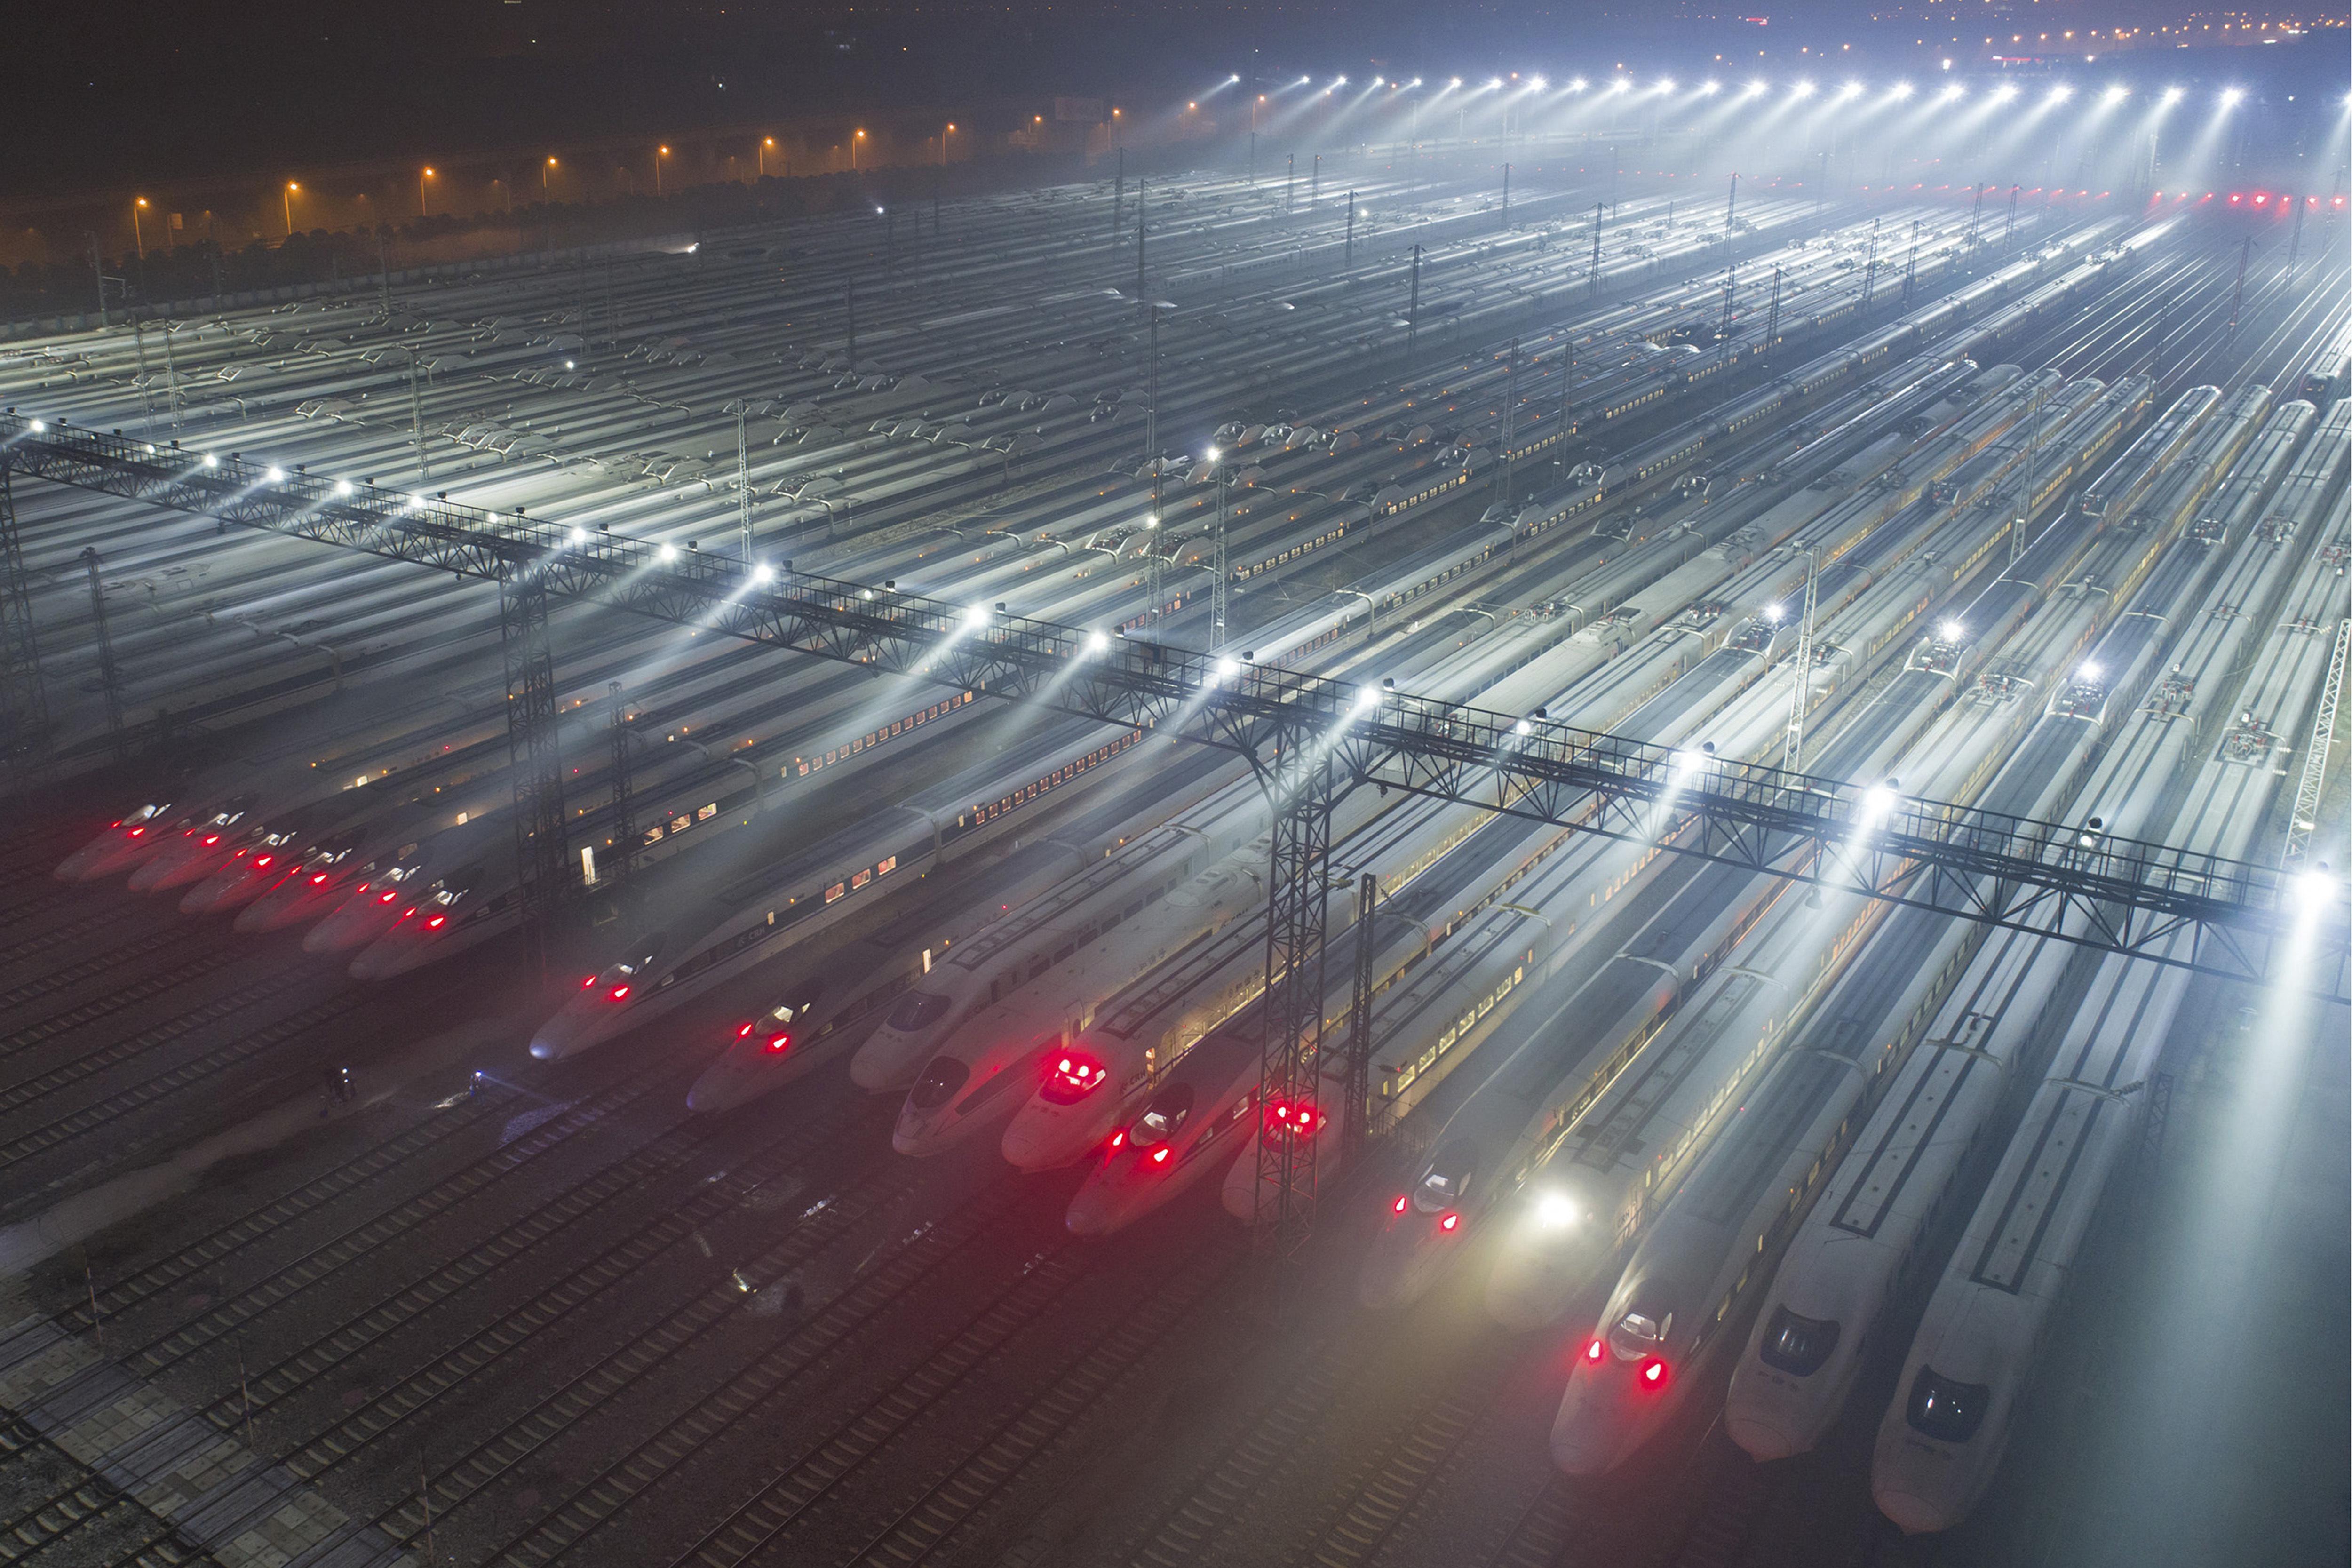 中国火车站